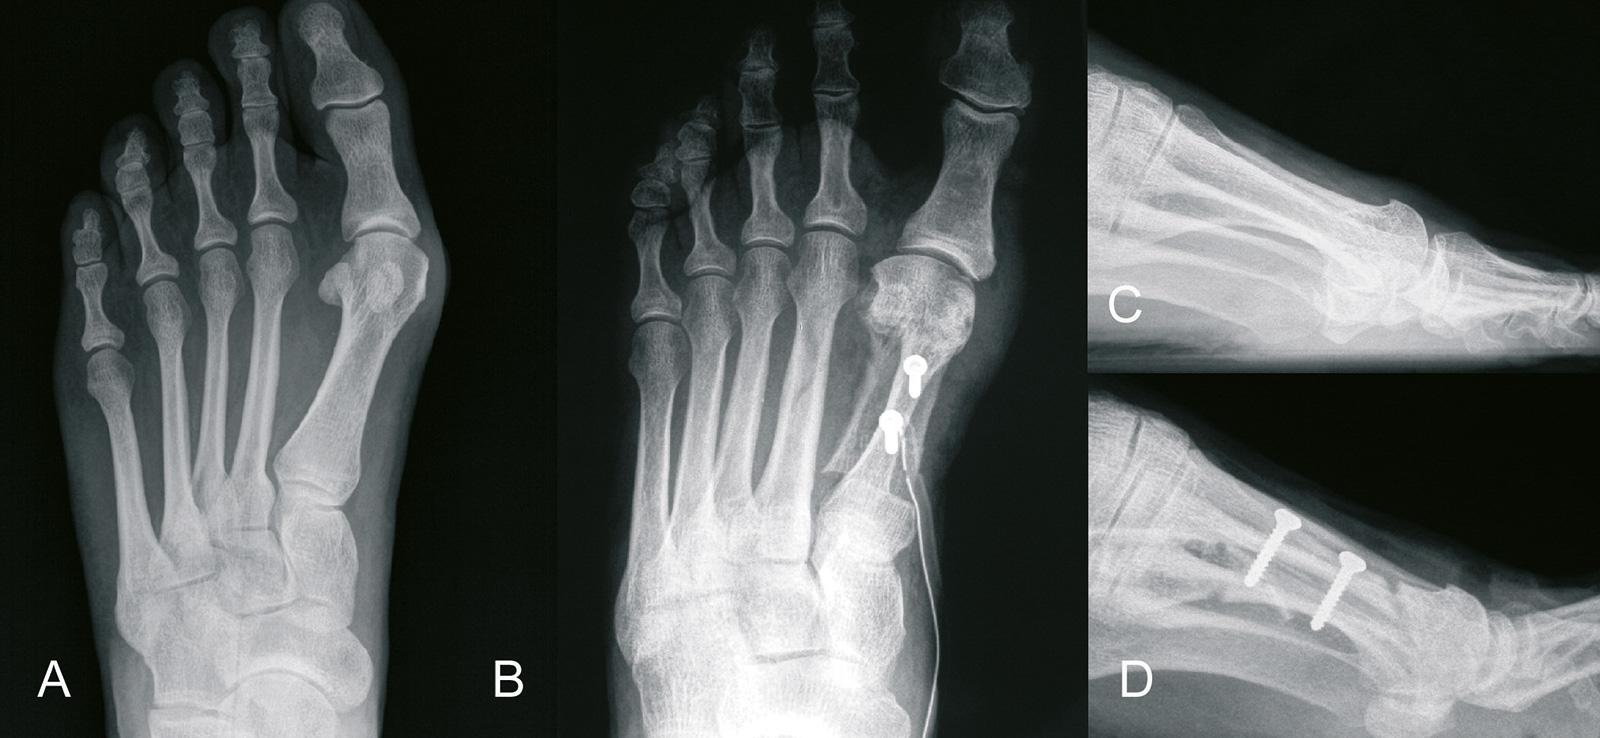 Abb. 6-11: Röntgenbild: vor (A,C) und nach Scarf-Osteotomie (B,D) (Eigentum des Instituts für Klinische Radiologie der Universität Münster)